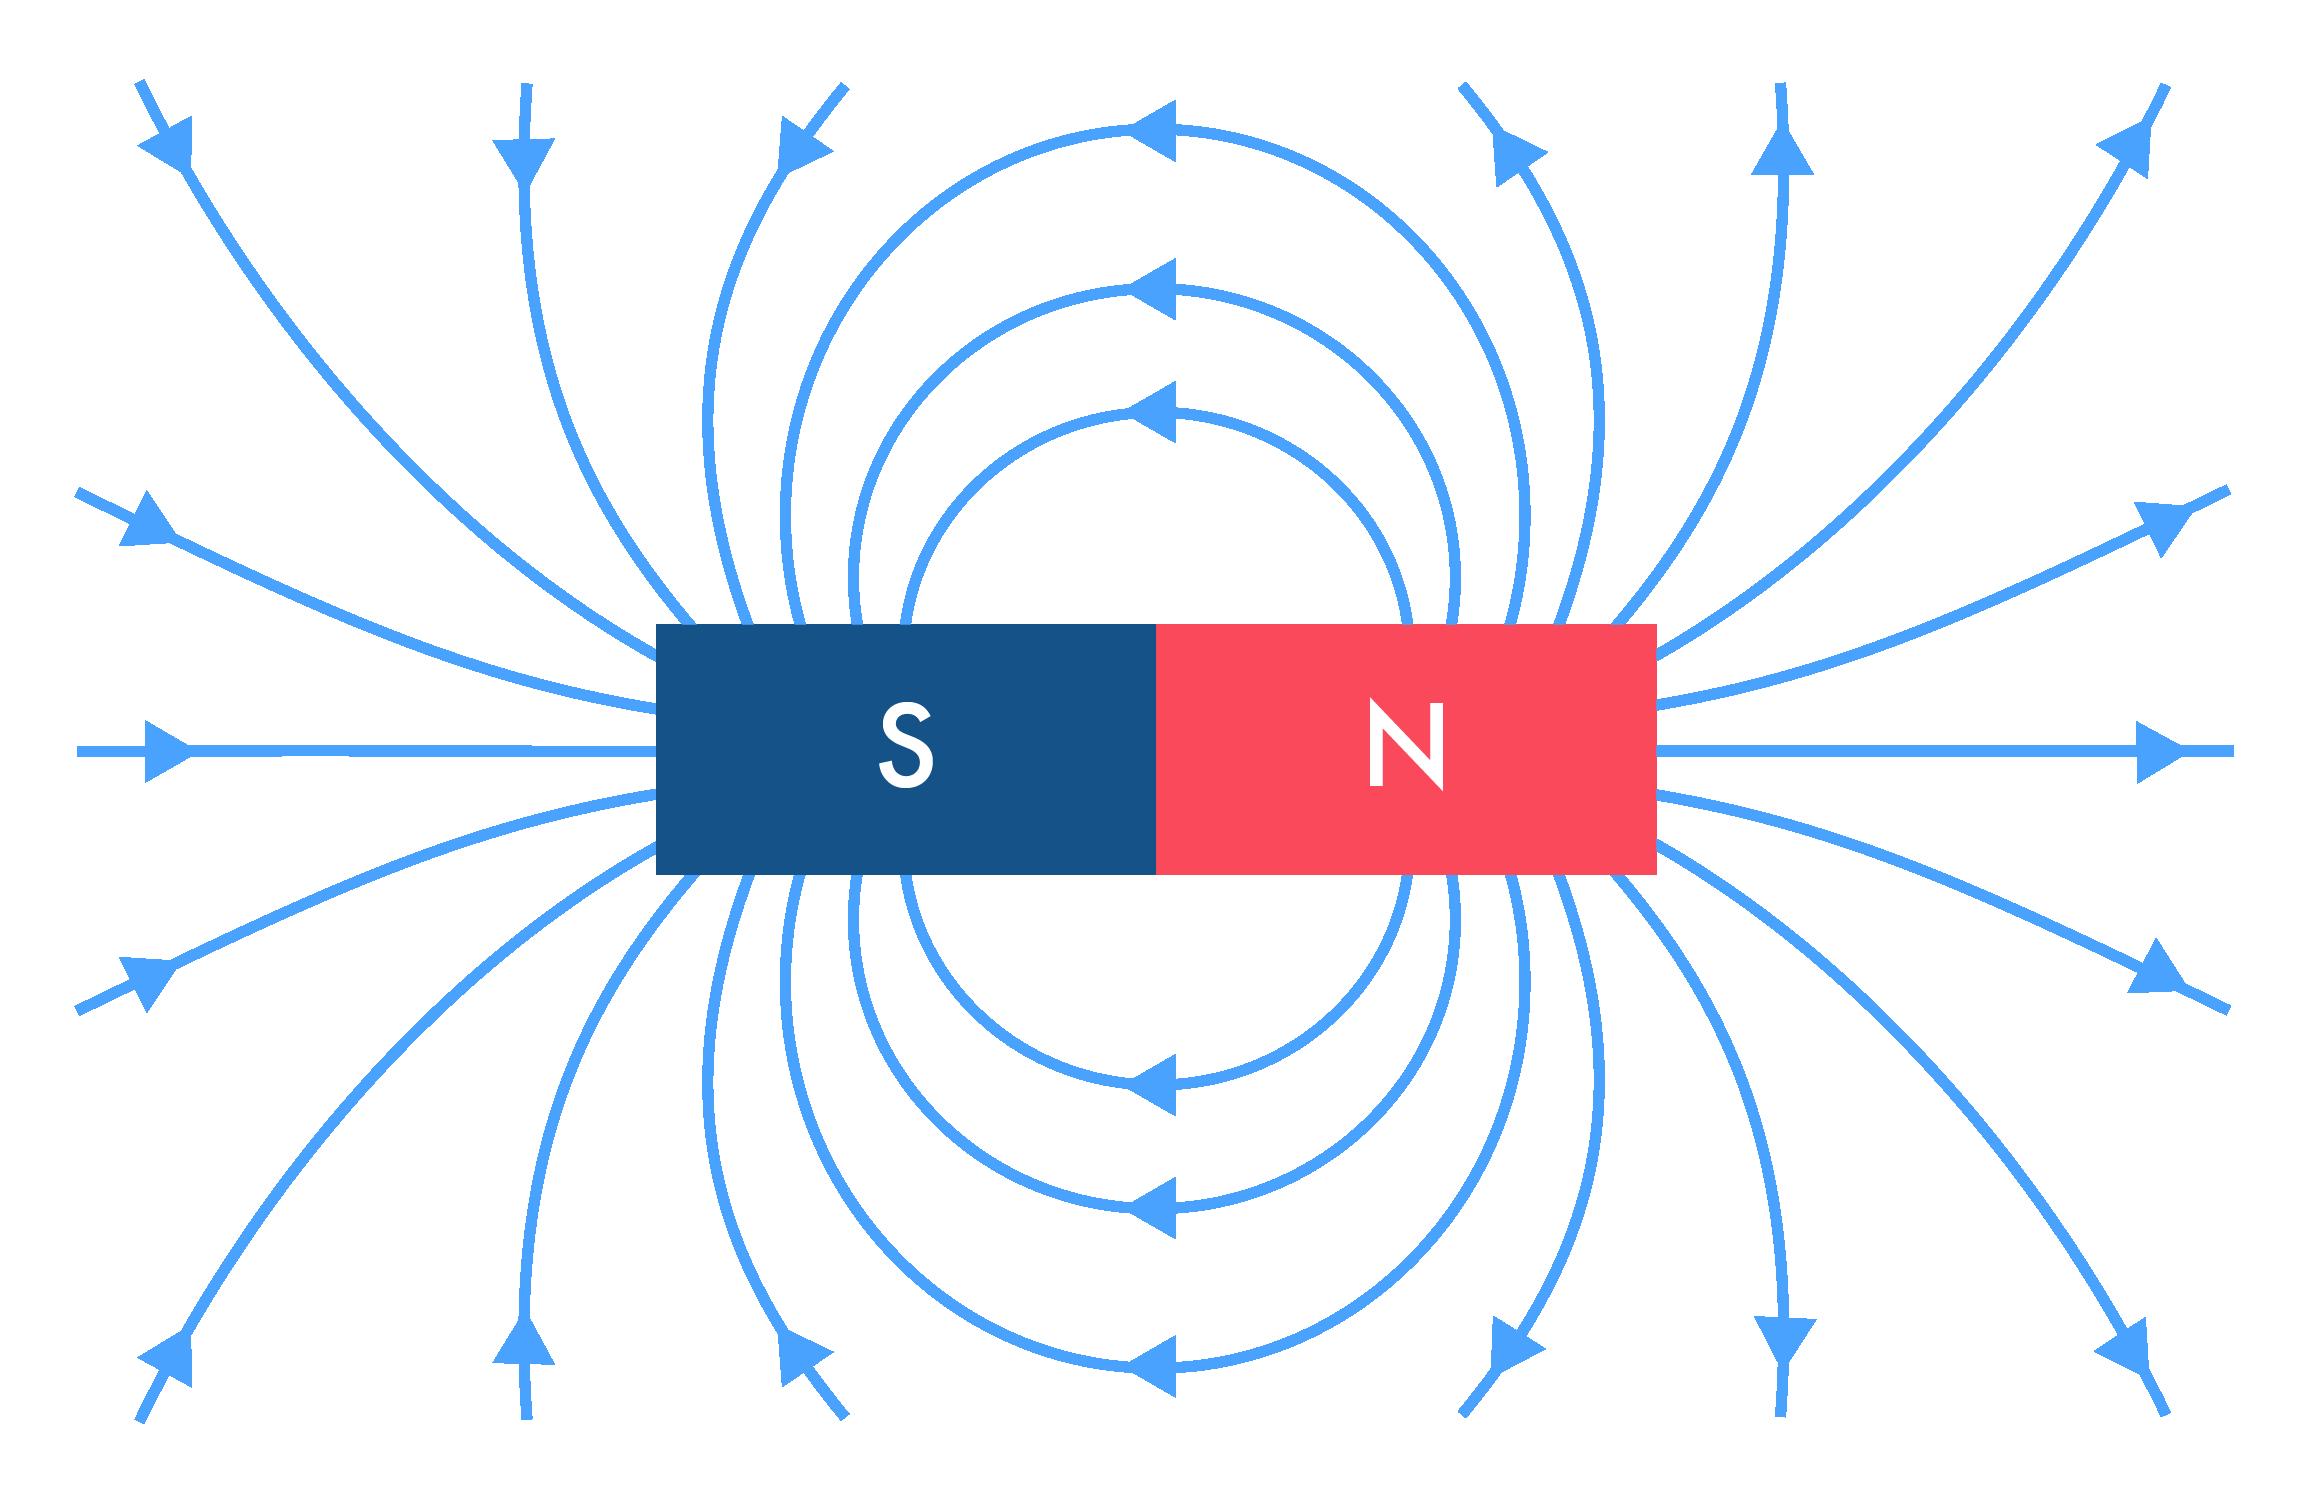 Lignes de champs magnétiques de l'aimant droit